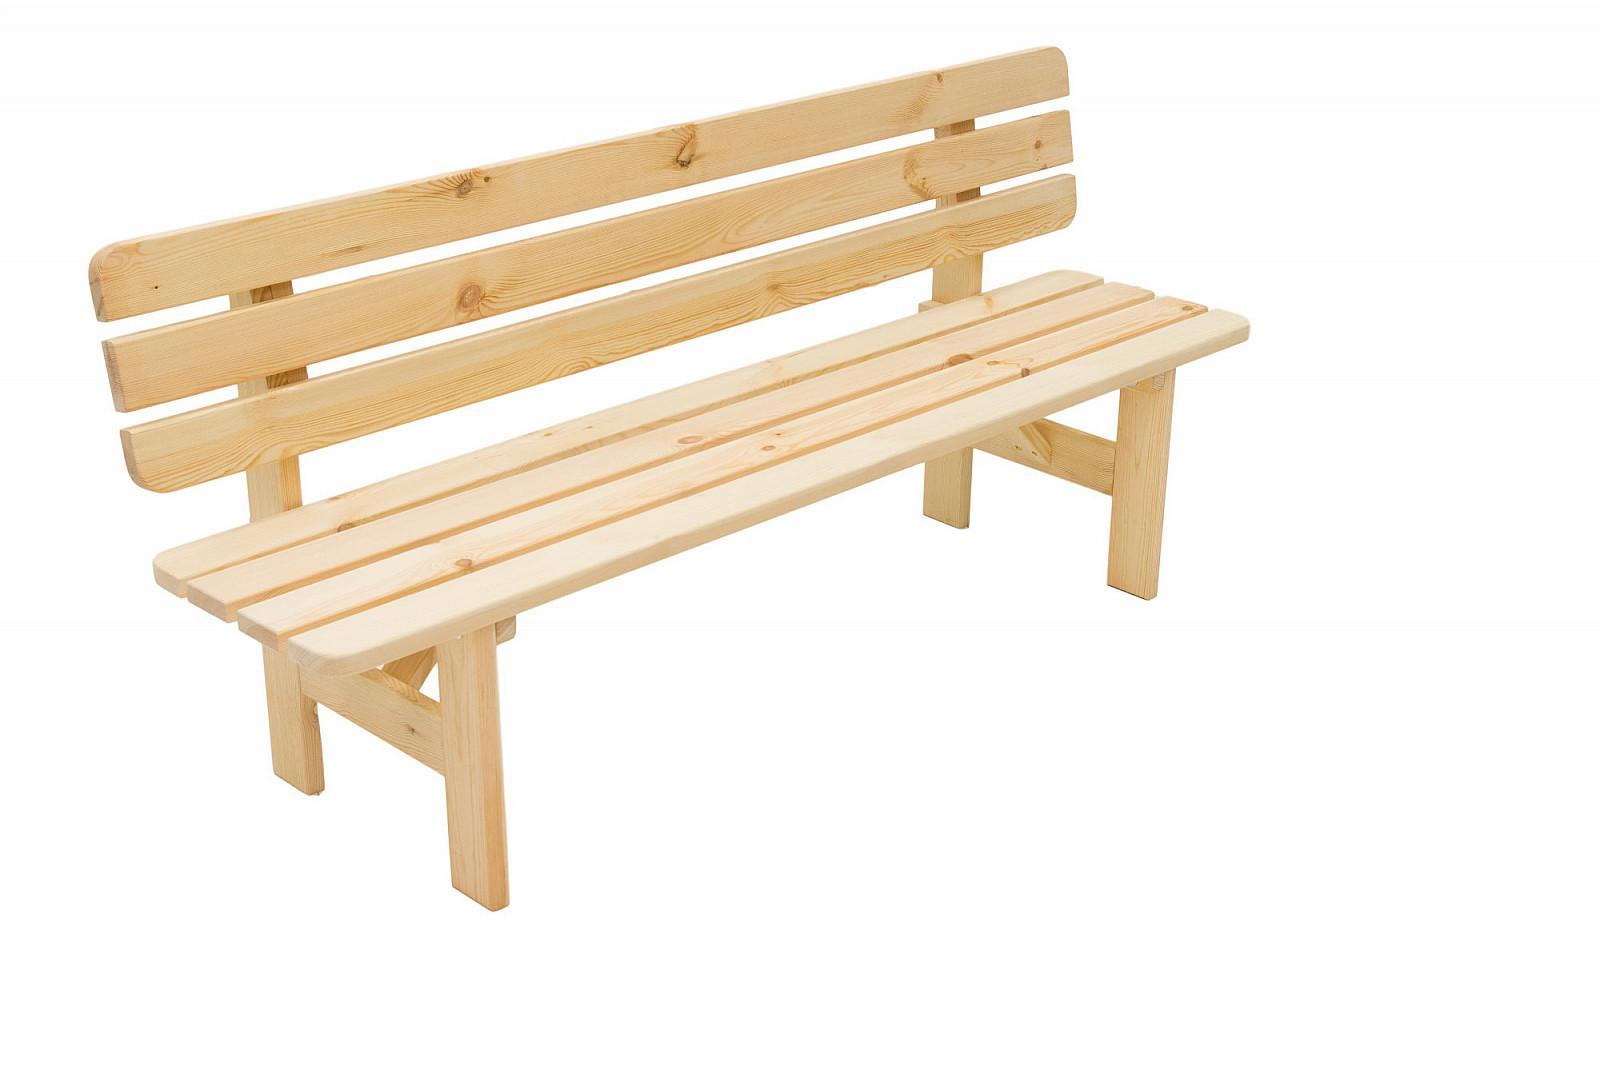 Masívna lavica z borovice drevo 30 mm (rôzne dĺžky) 180 cm